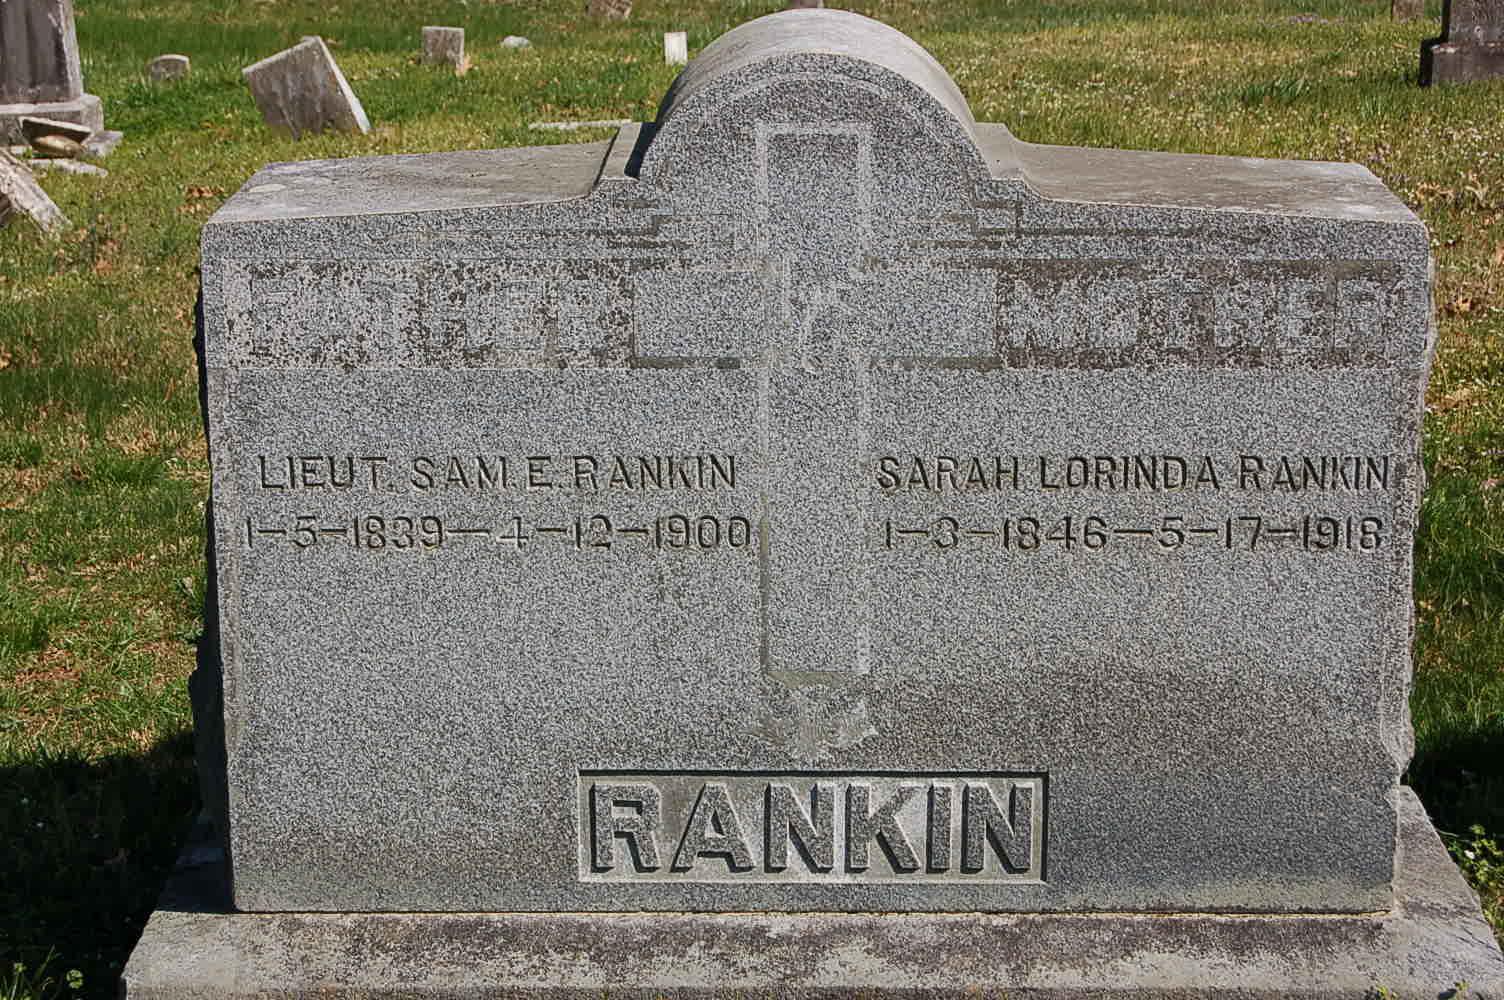 Samuel Edward Rankin